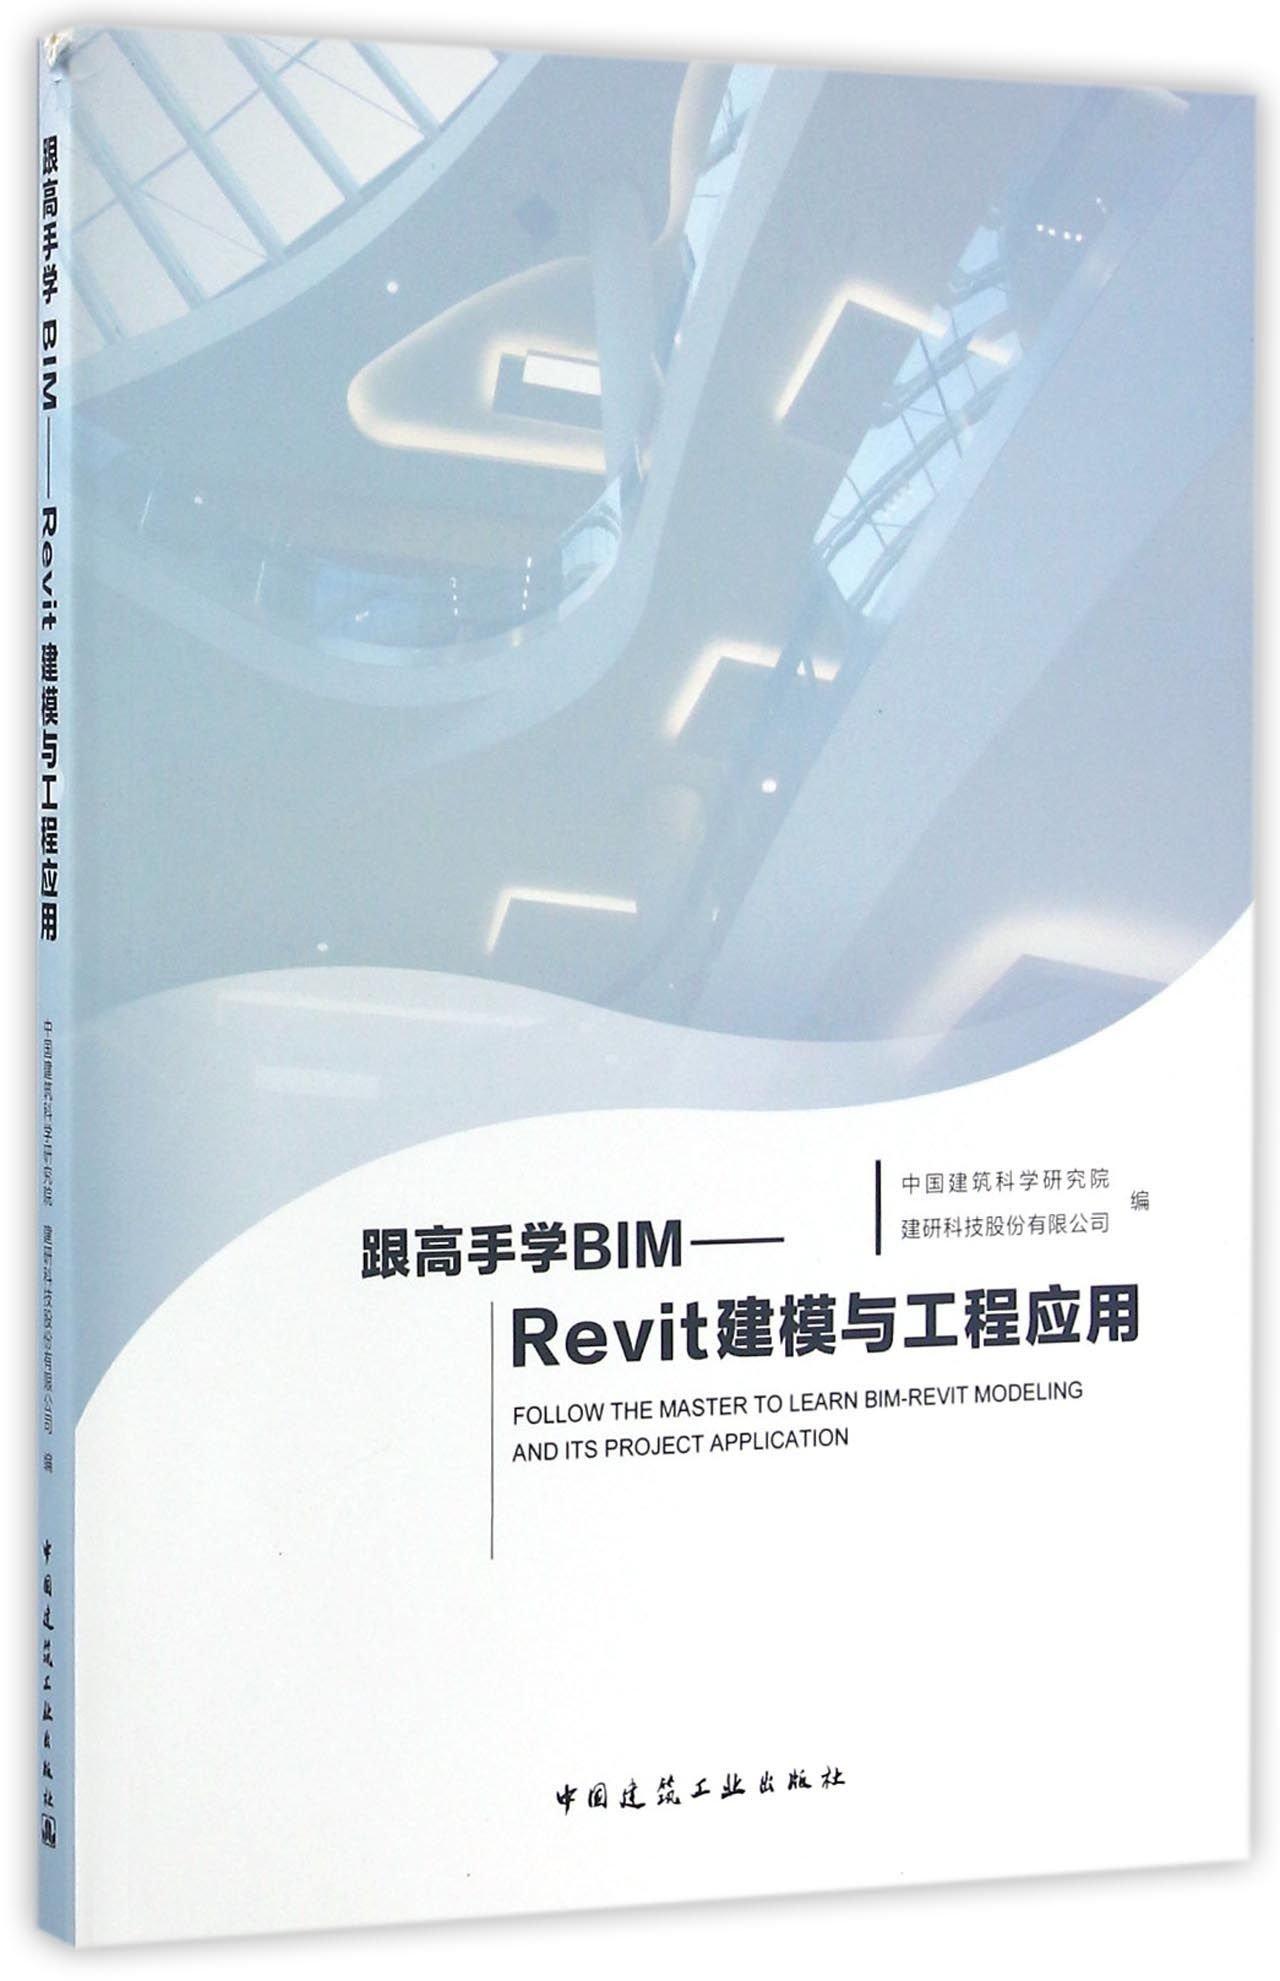 跟高手学BIM--Revit建模与工程应用: 匿名: 9787112193905: Amazon com: Books